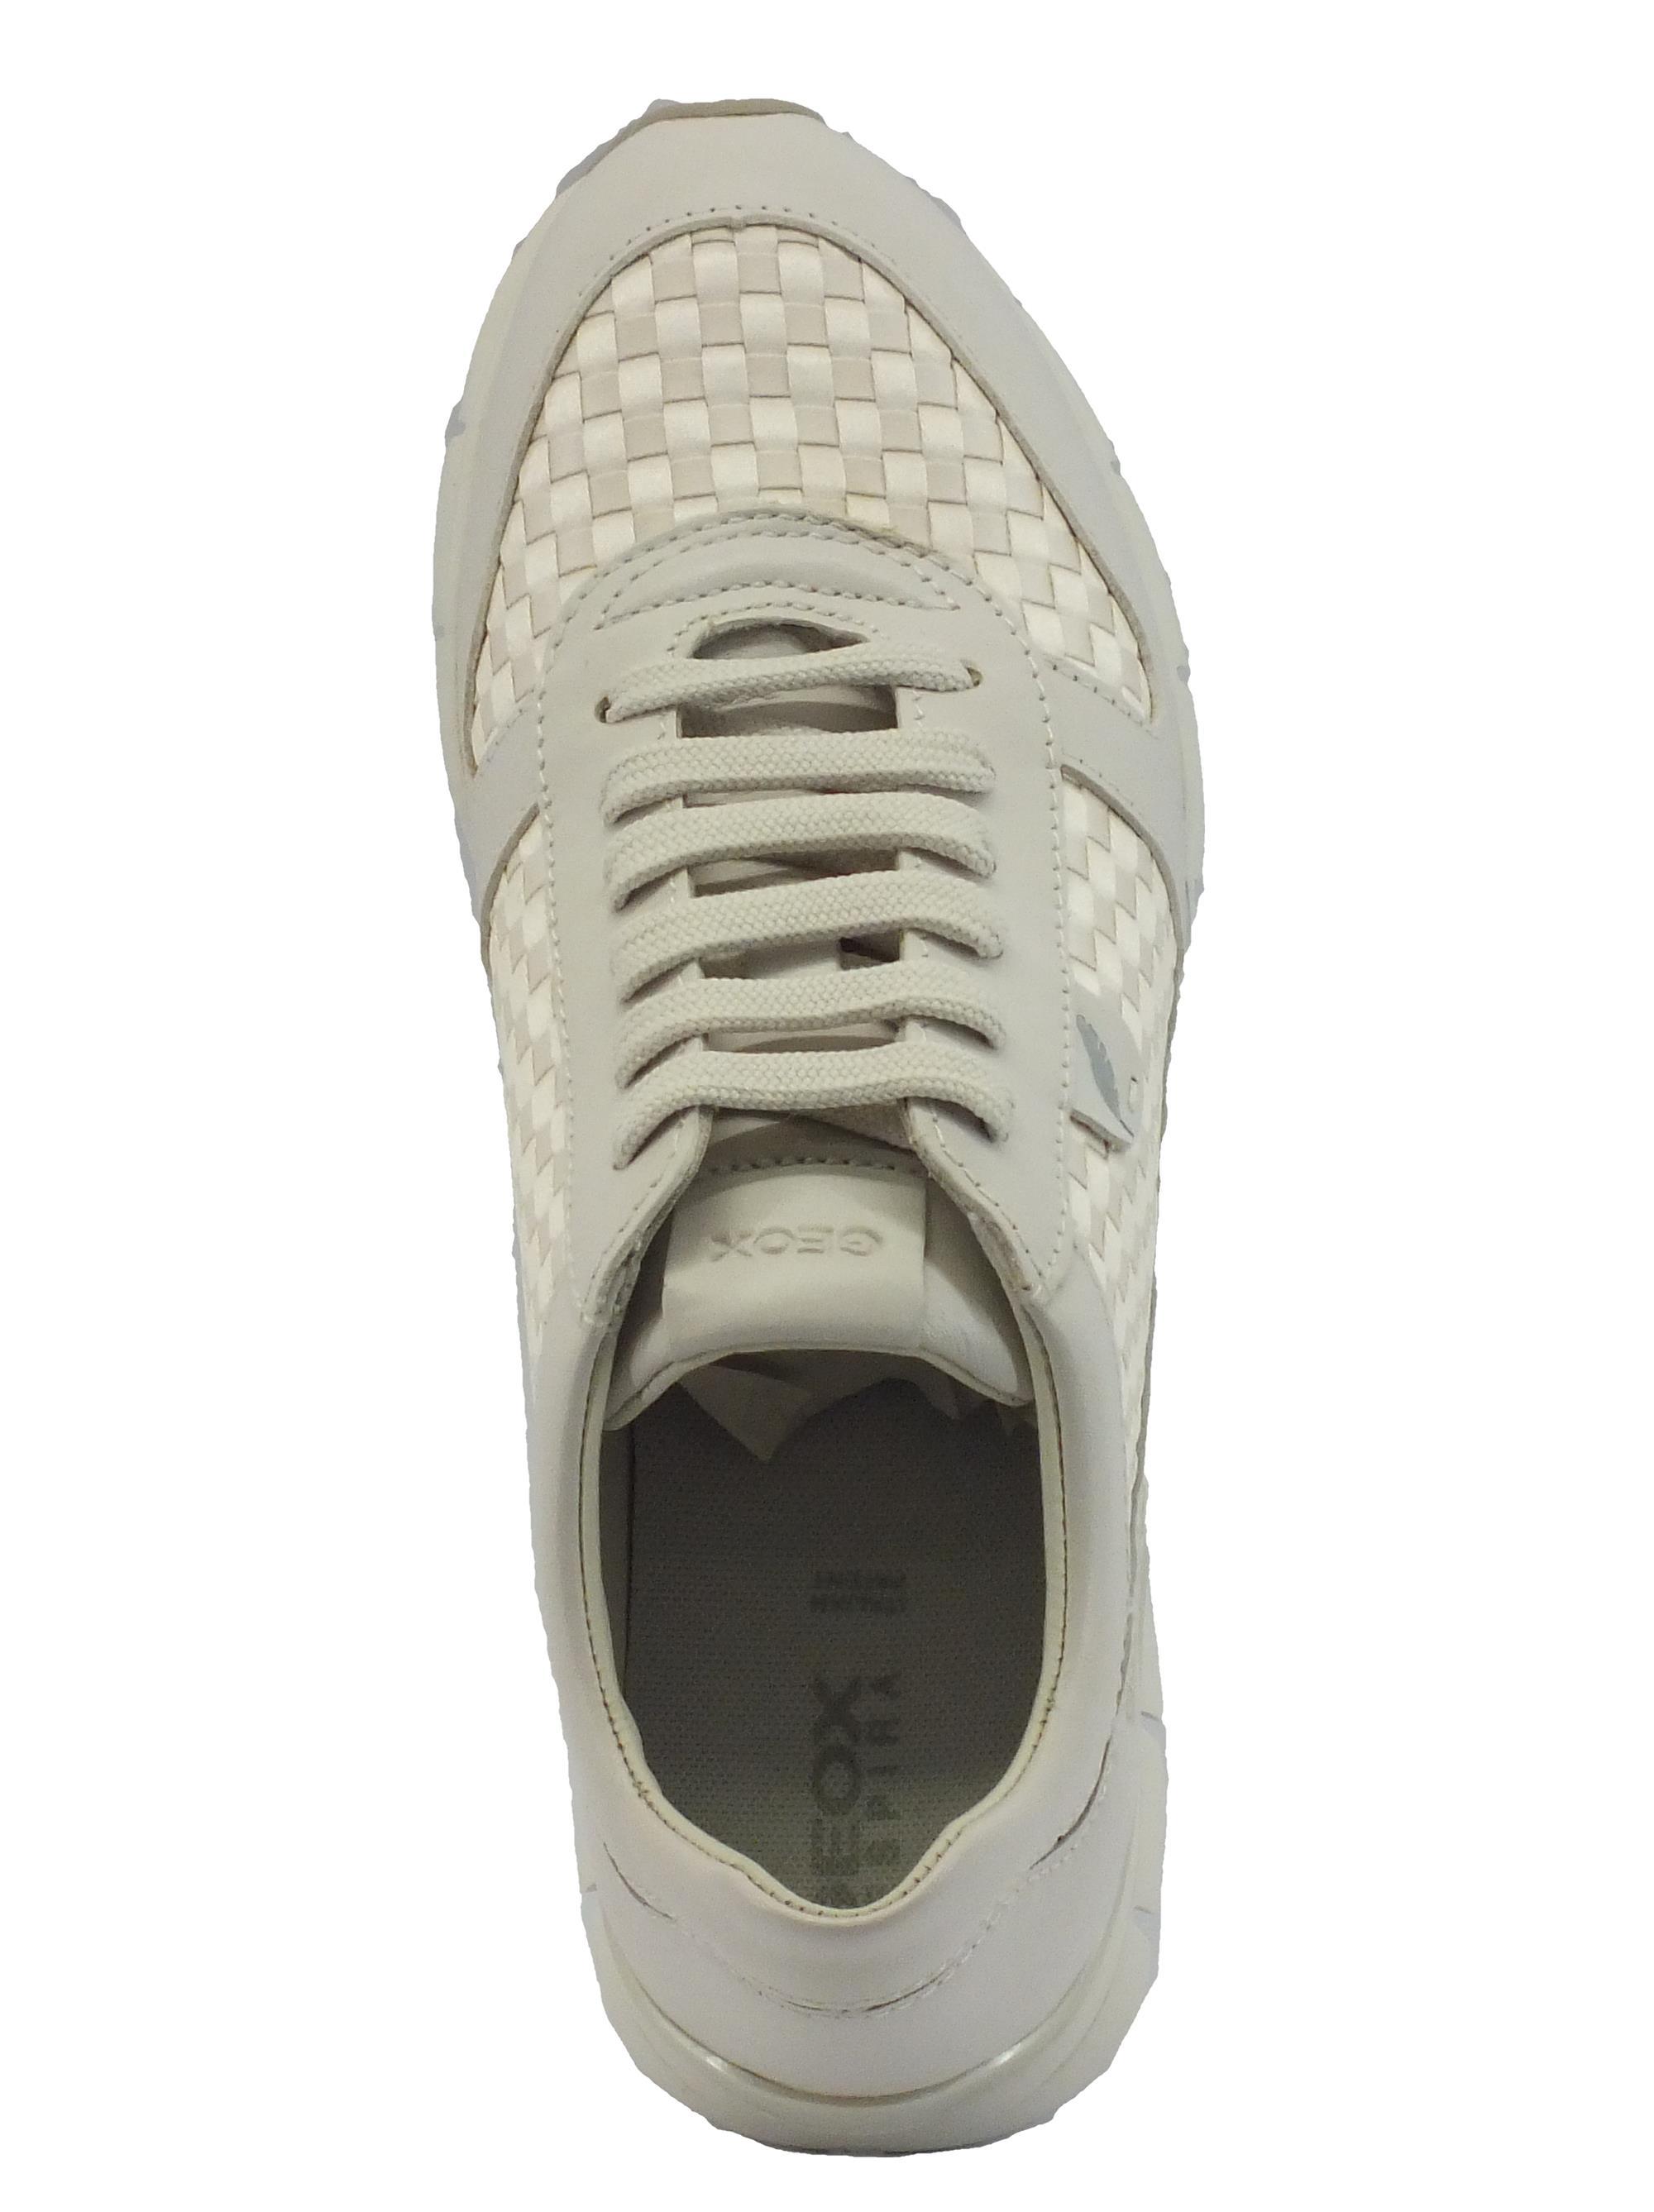 ... Sneakers per donna Geox in pelle bianca e tessuto intrecciato bianco 3028f42eea6